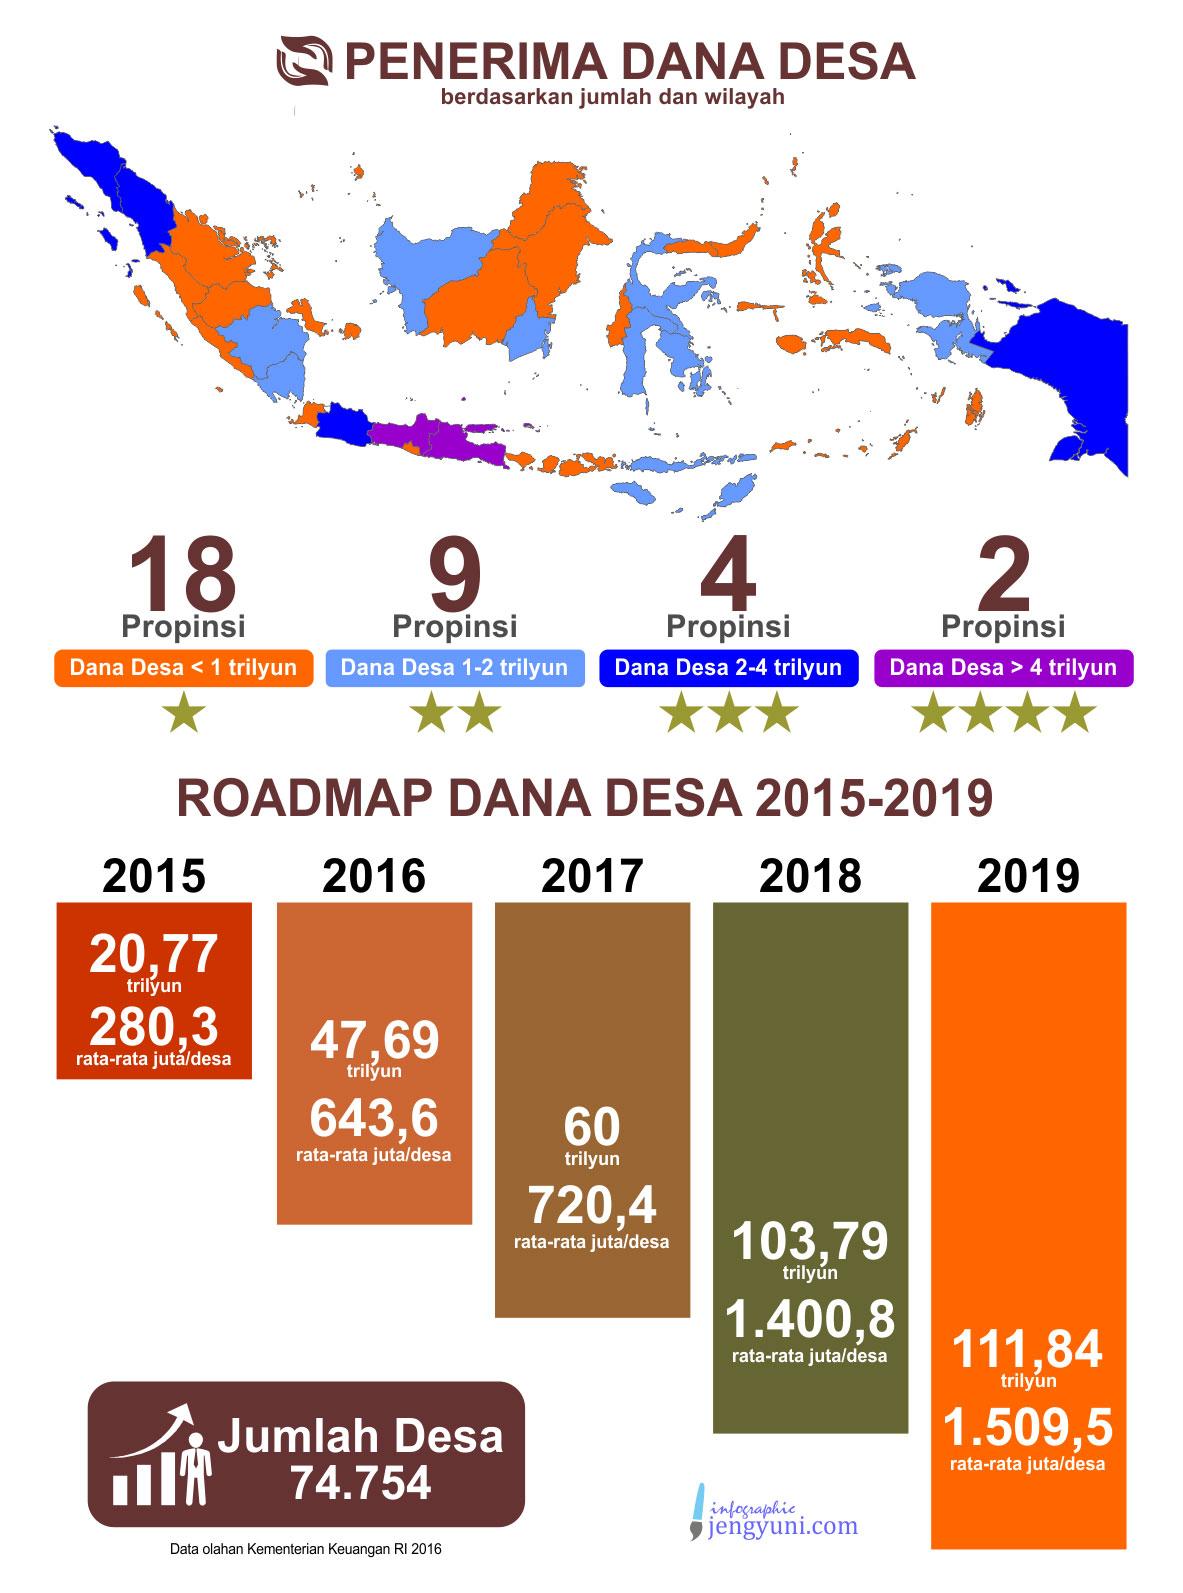 Roadmap Dana Desa